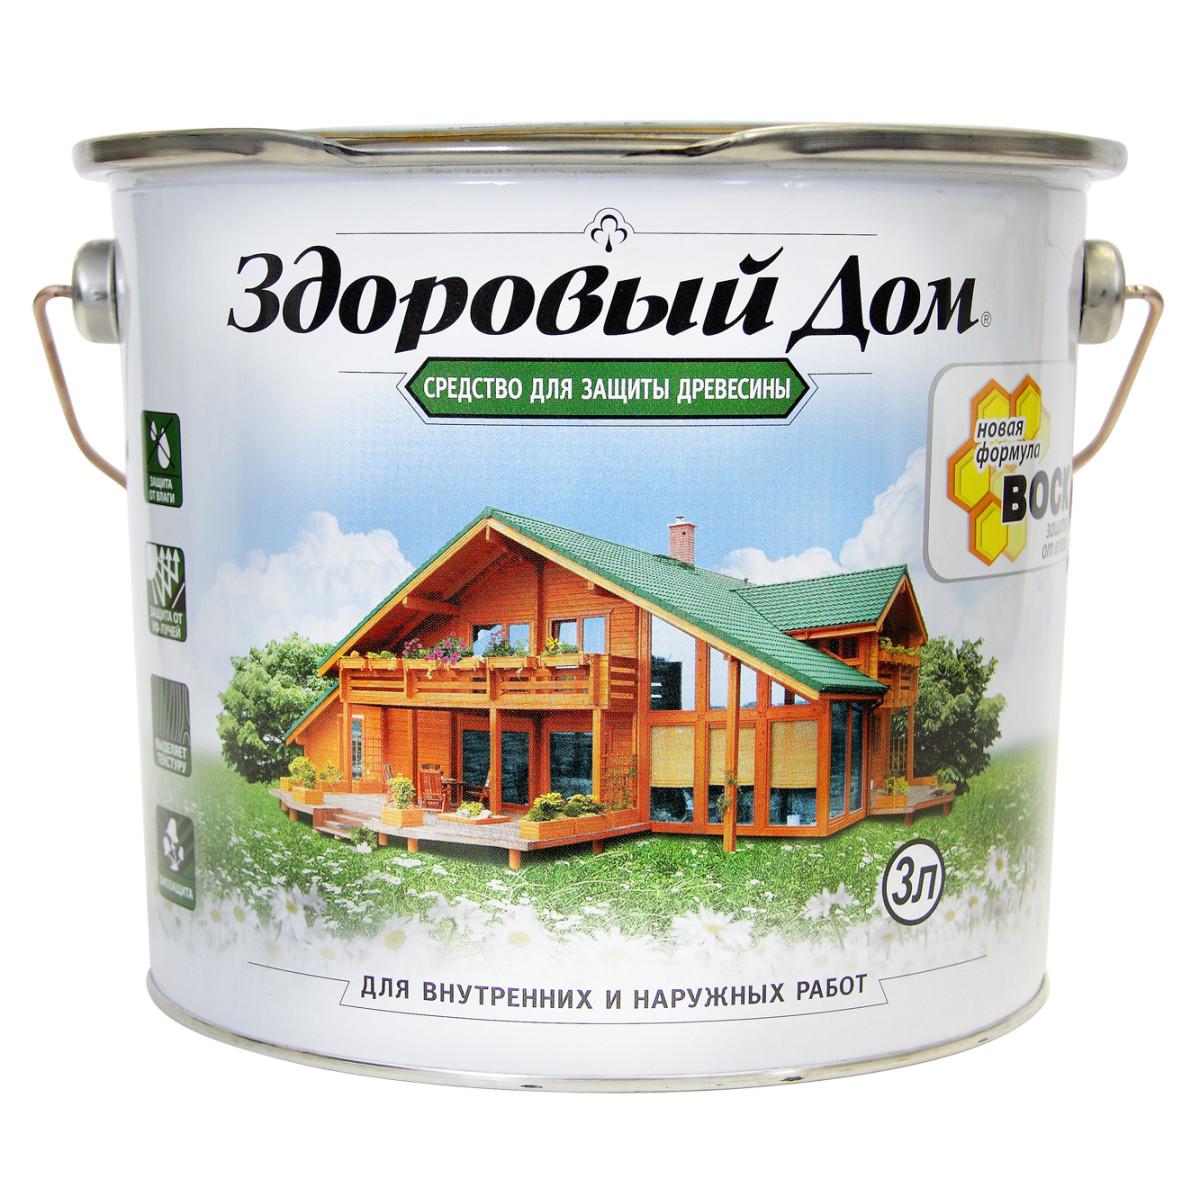 Антисептик Здоровый Дом матовый тик 3 л